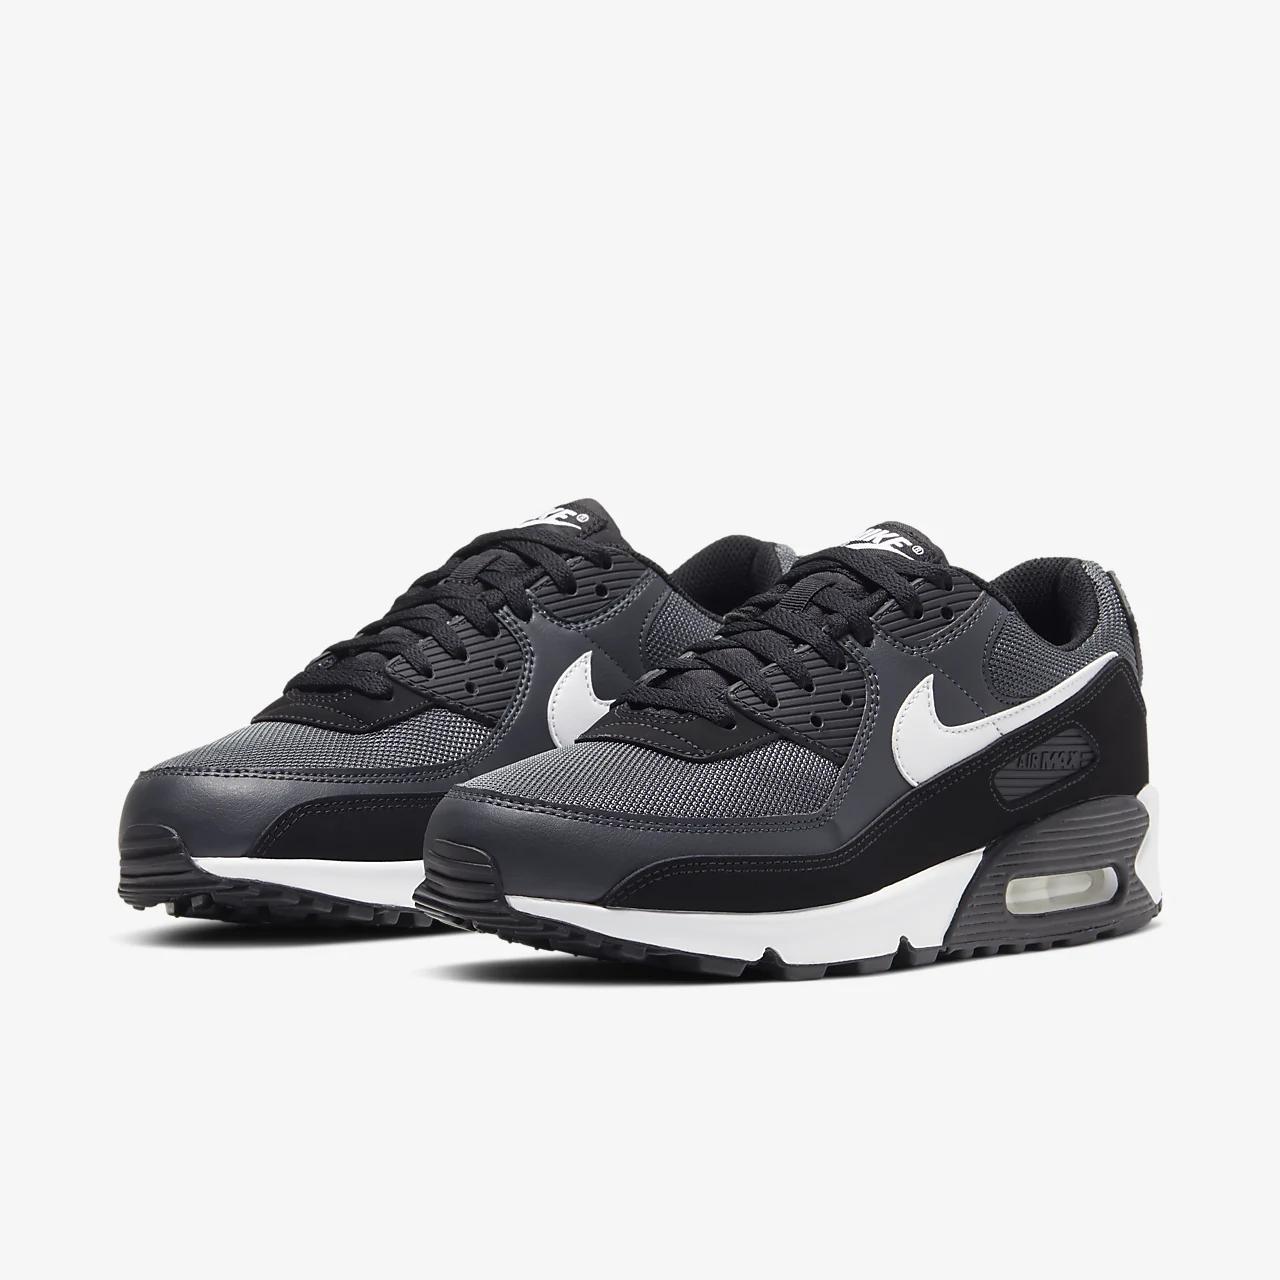 나이키 에어 맥스 90 남자 신발 CN8490-002